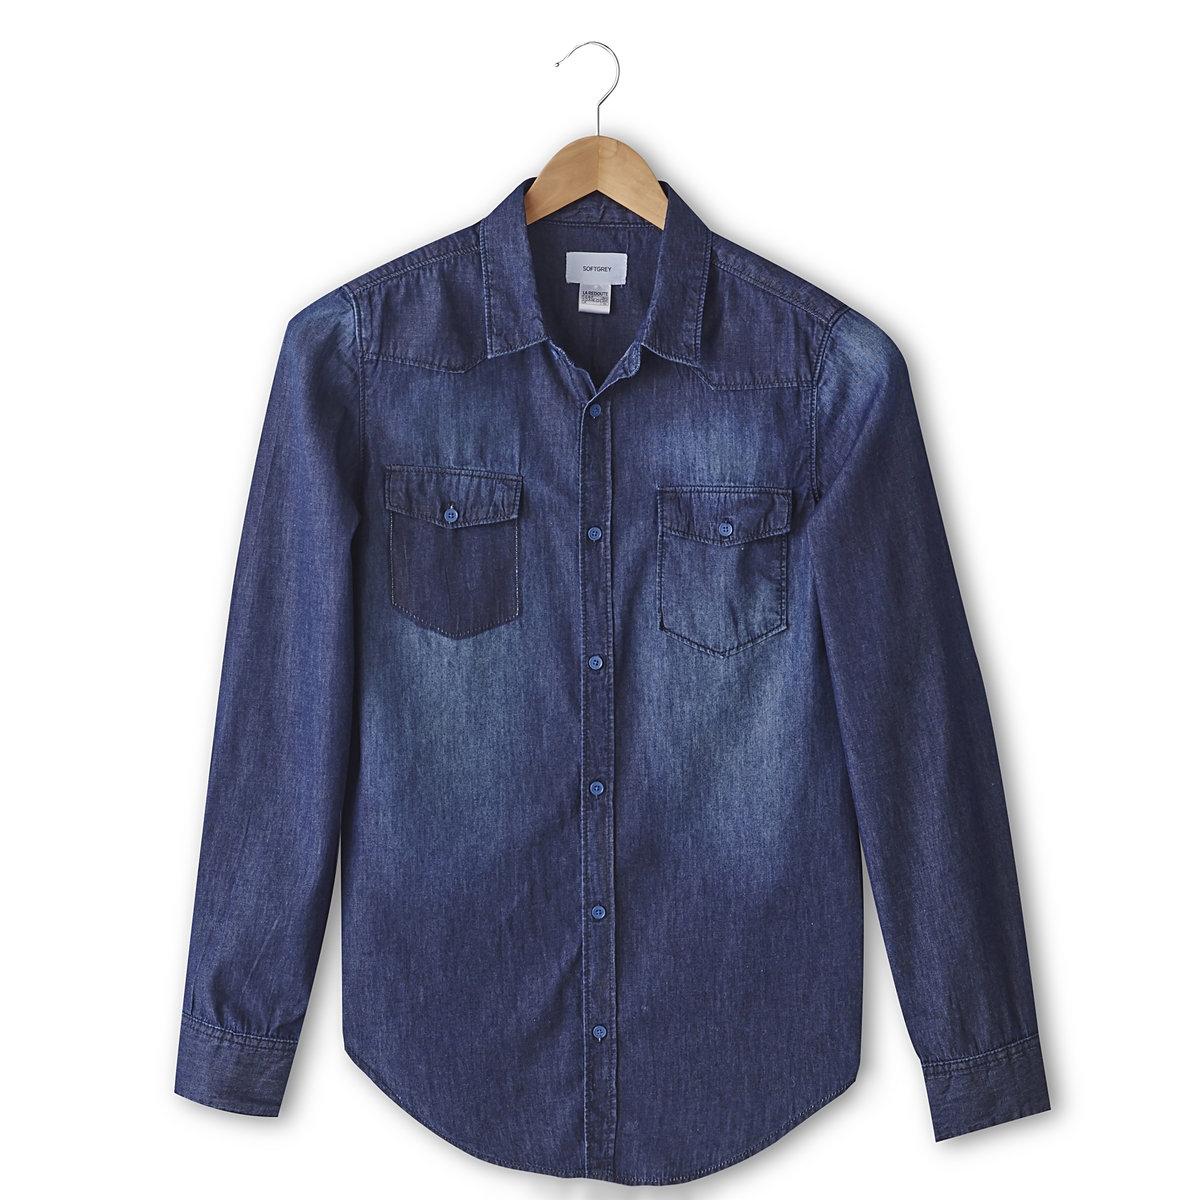 РубашкаДеним, 100% хлопка. Узкий покрой. Свободные уголки воротника. 1 карман с клапаном на пуговице + 1 ложный карман с клапаном. Длинные рукава, манжеты с пуговицами. Закругленный низ. Длина 75,5 см.<br><br>Цвет: синий потертый<br>Размер: 37/38